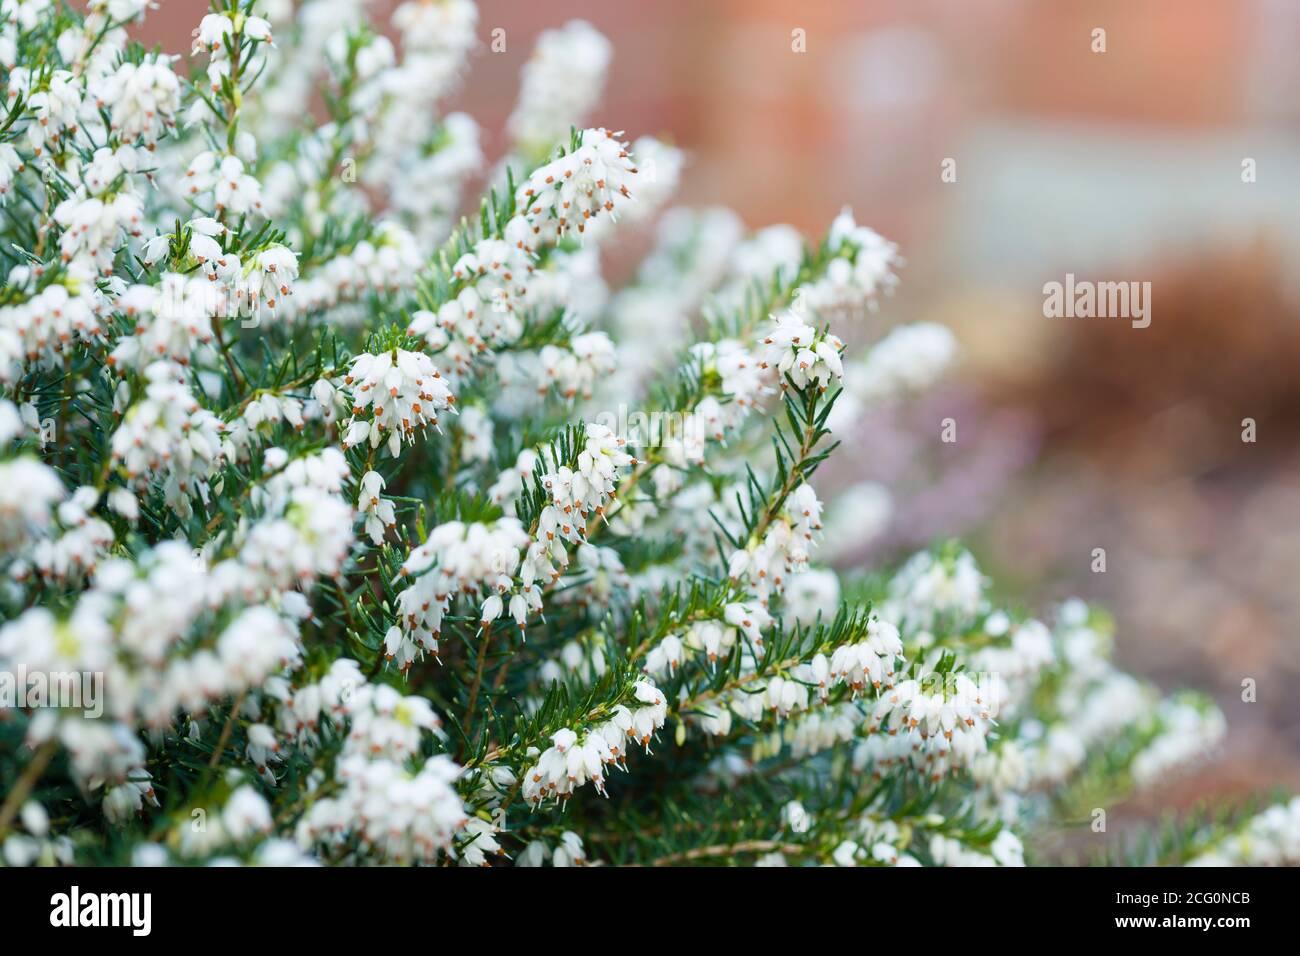 Fermeture de la plante de bruyère d'hiver, White perfection, erica x darleyenis dans une frontière de jardin, Royaume-Uni Banque D'Images